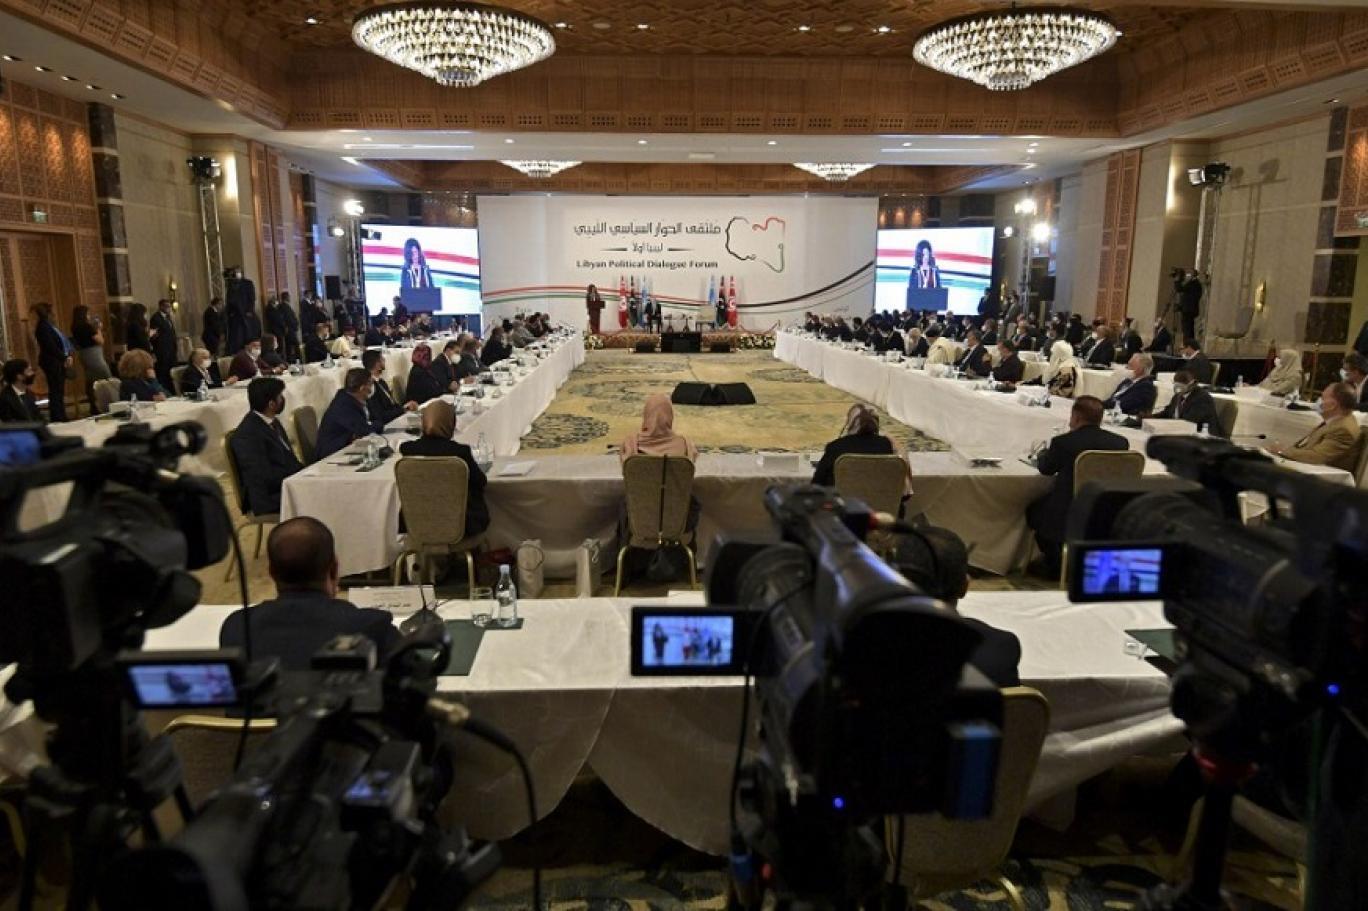 البعثة الأممية للدعم في ليبيـا تشيد بدور المجلس الرئاسي في دعم سير العملية الانتخابية